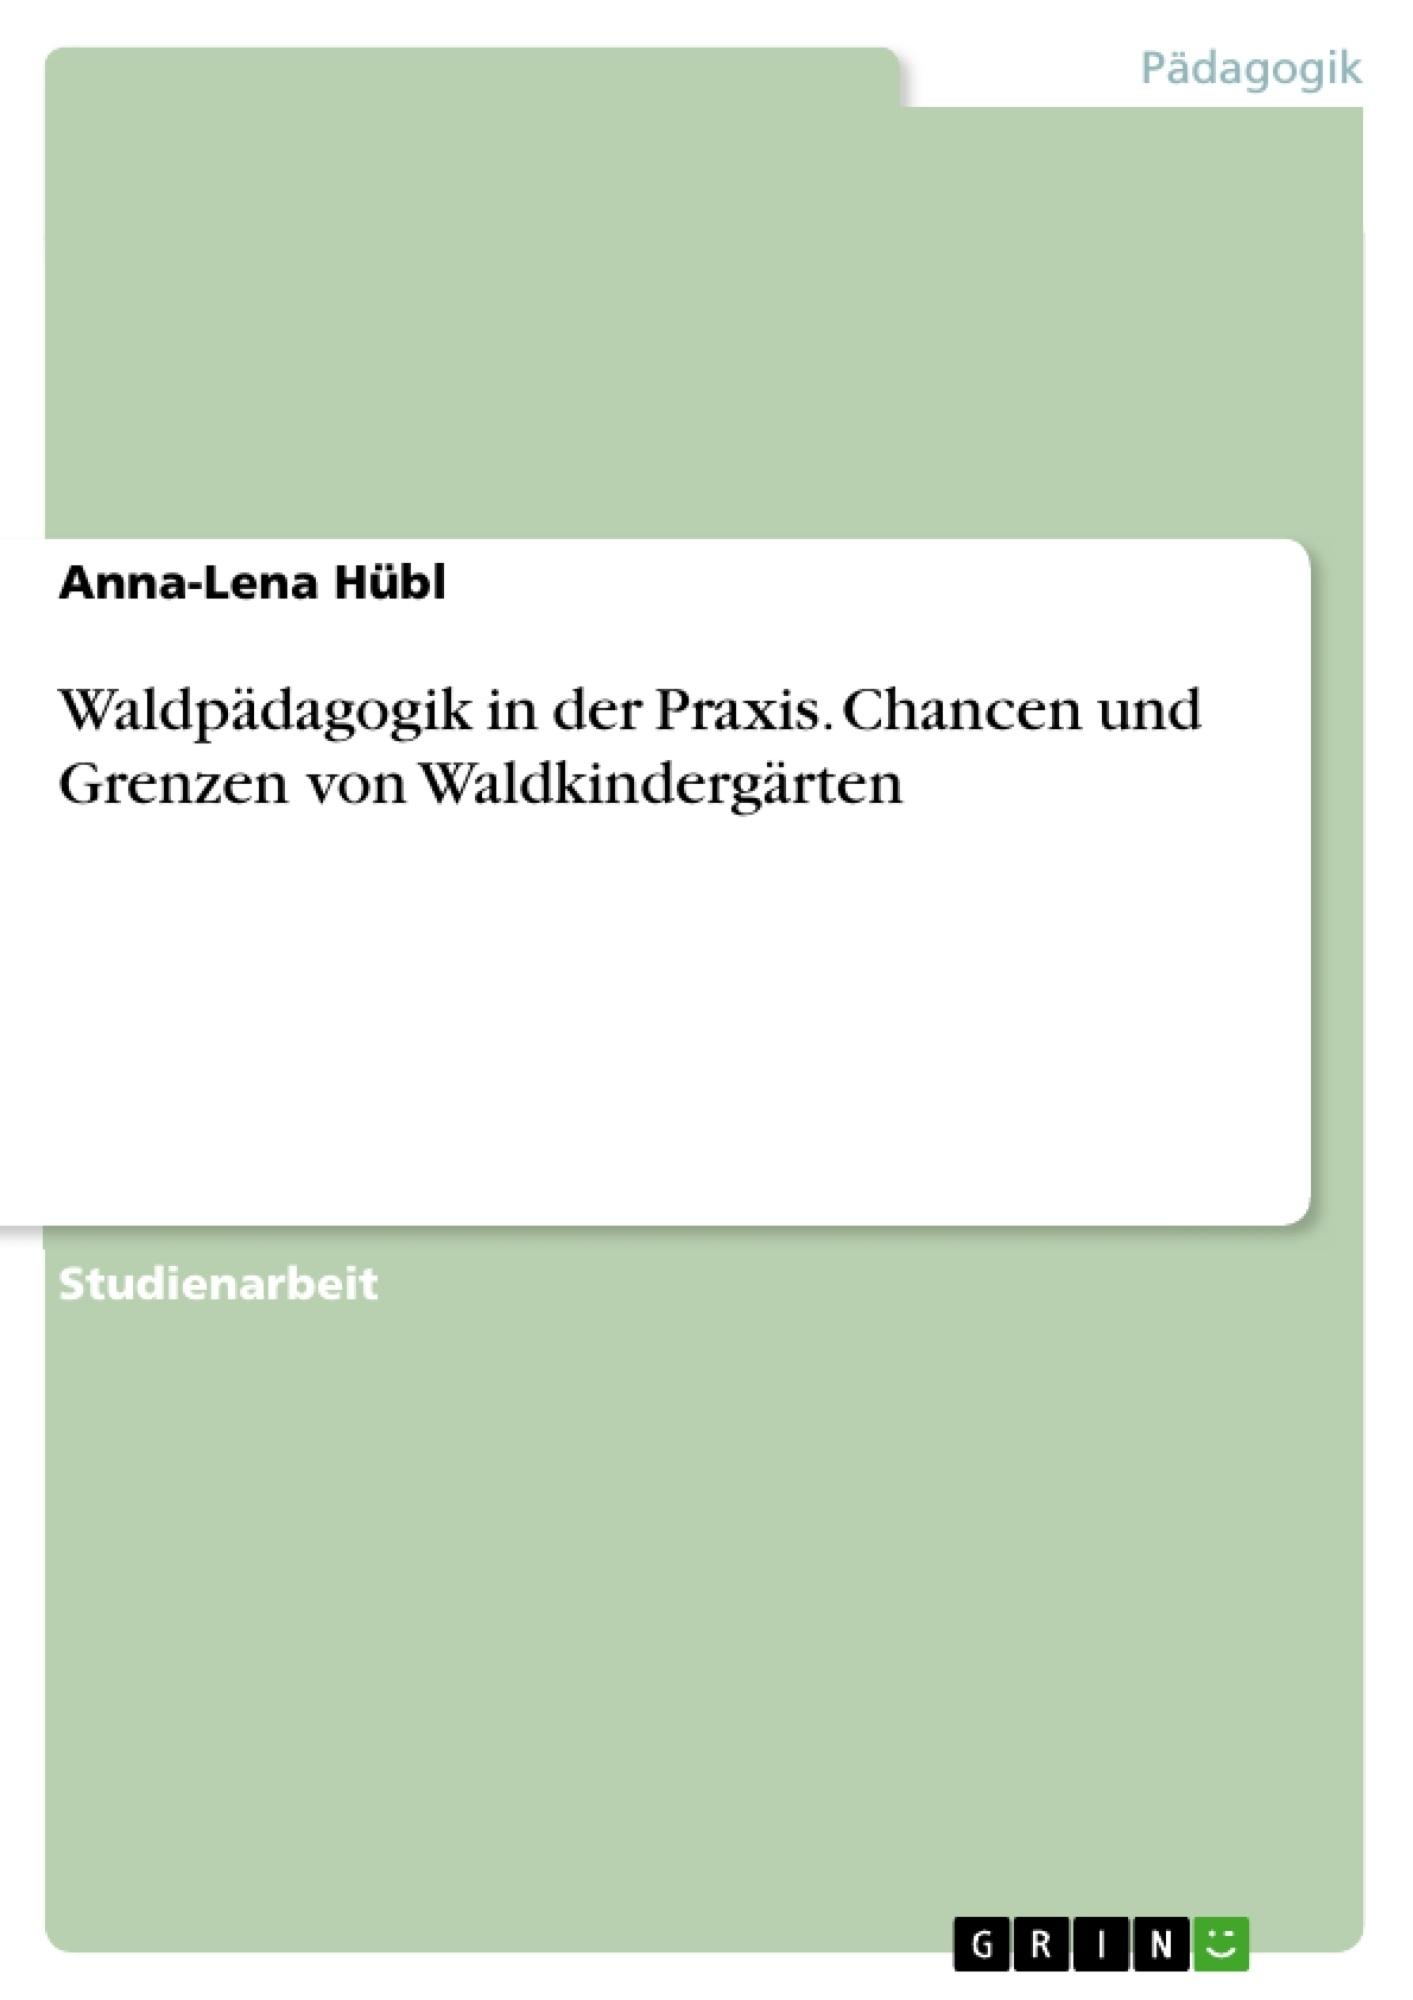 Titel: Waldpädagogik in der Praxis. Chancen und Grenzen von Waldkindergärten